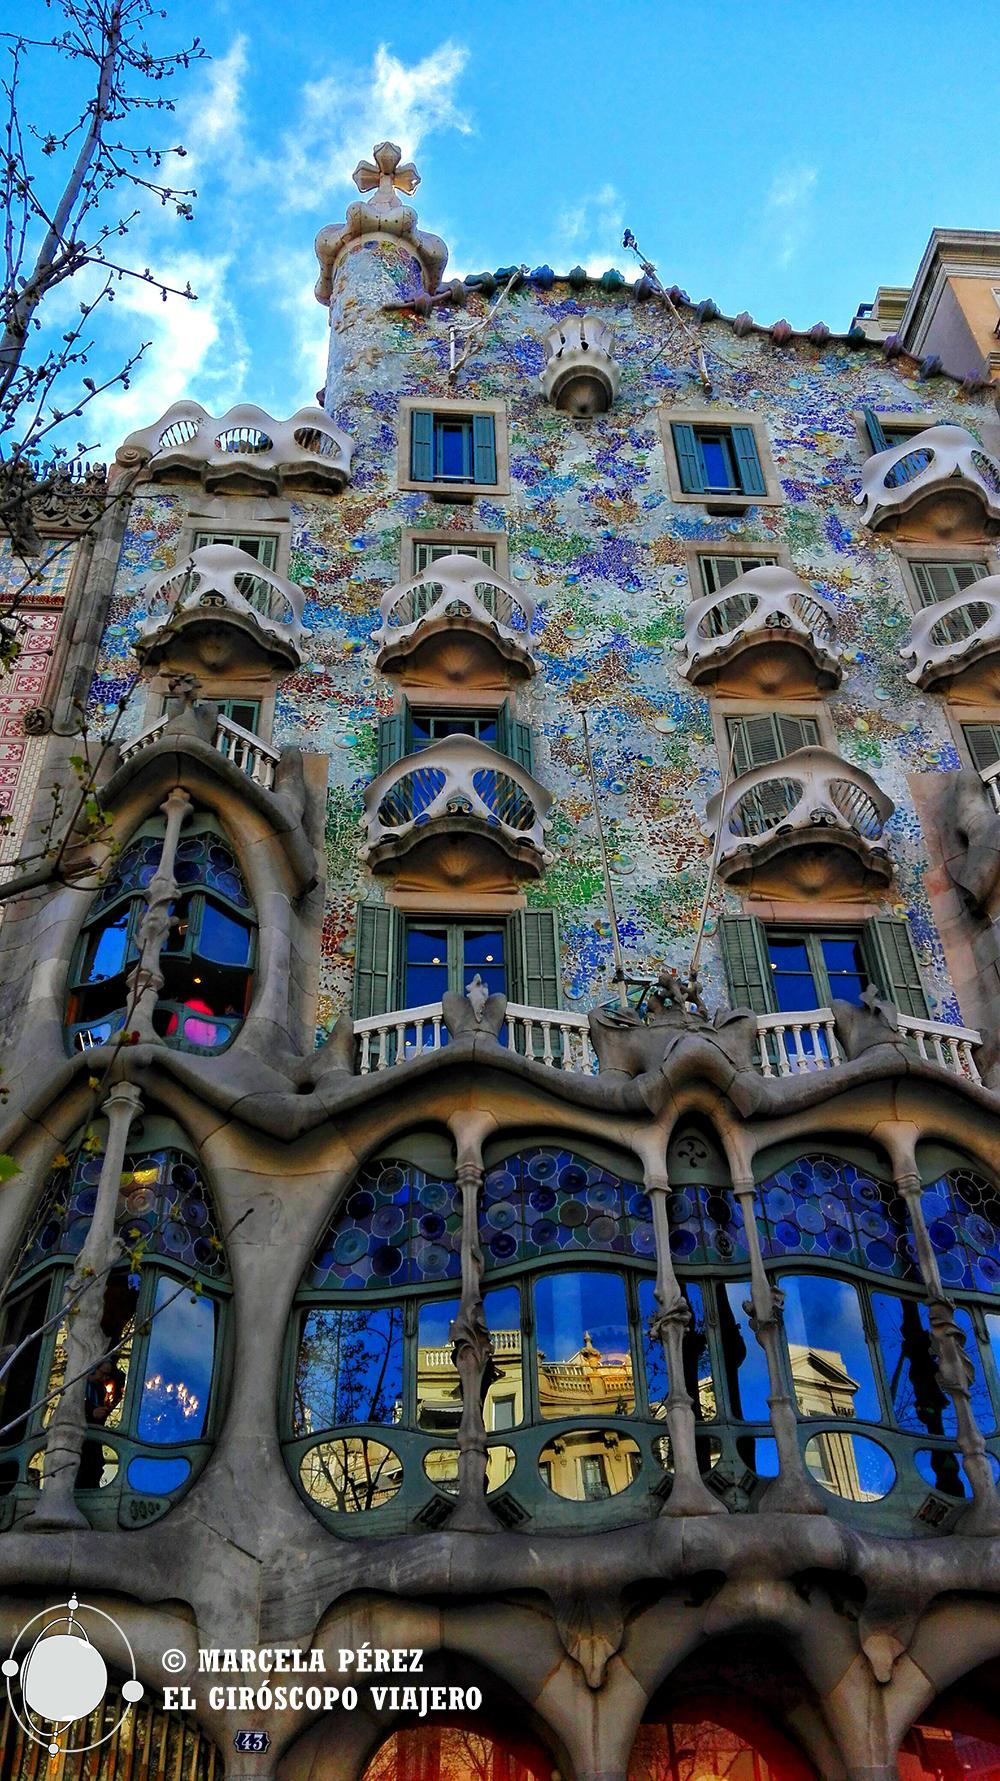 La inconfundible fachada de Casa Batlló